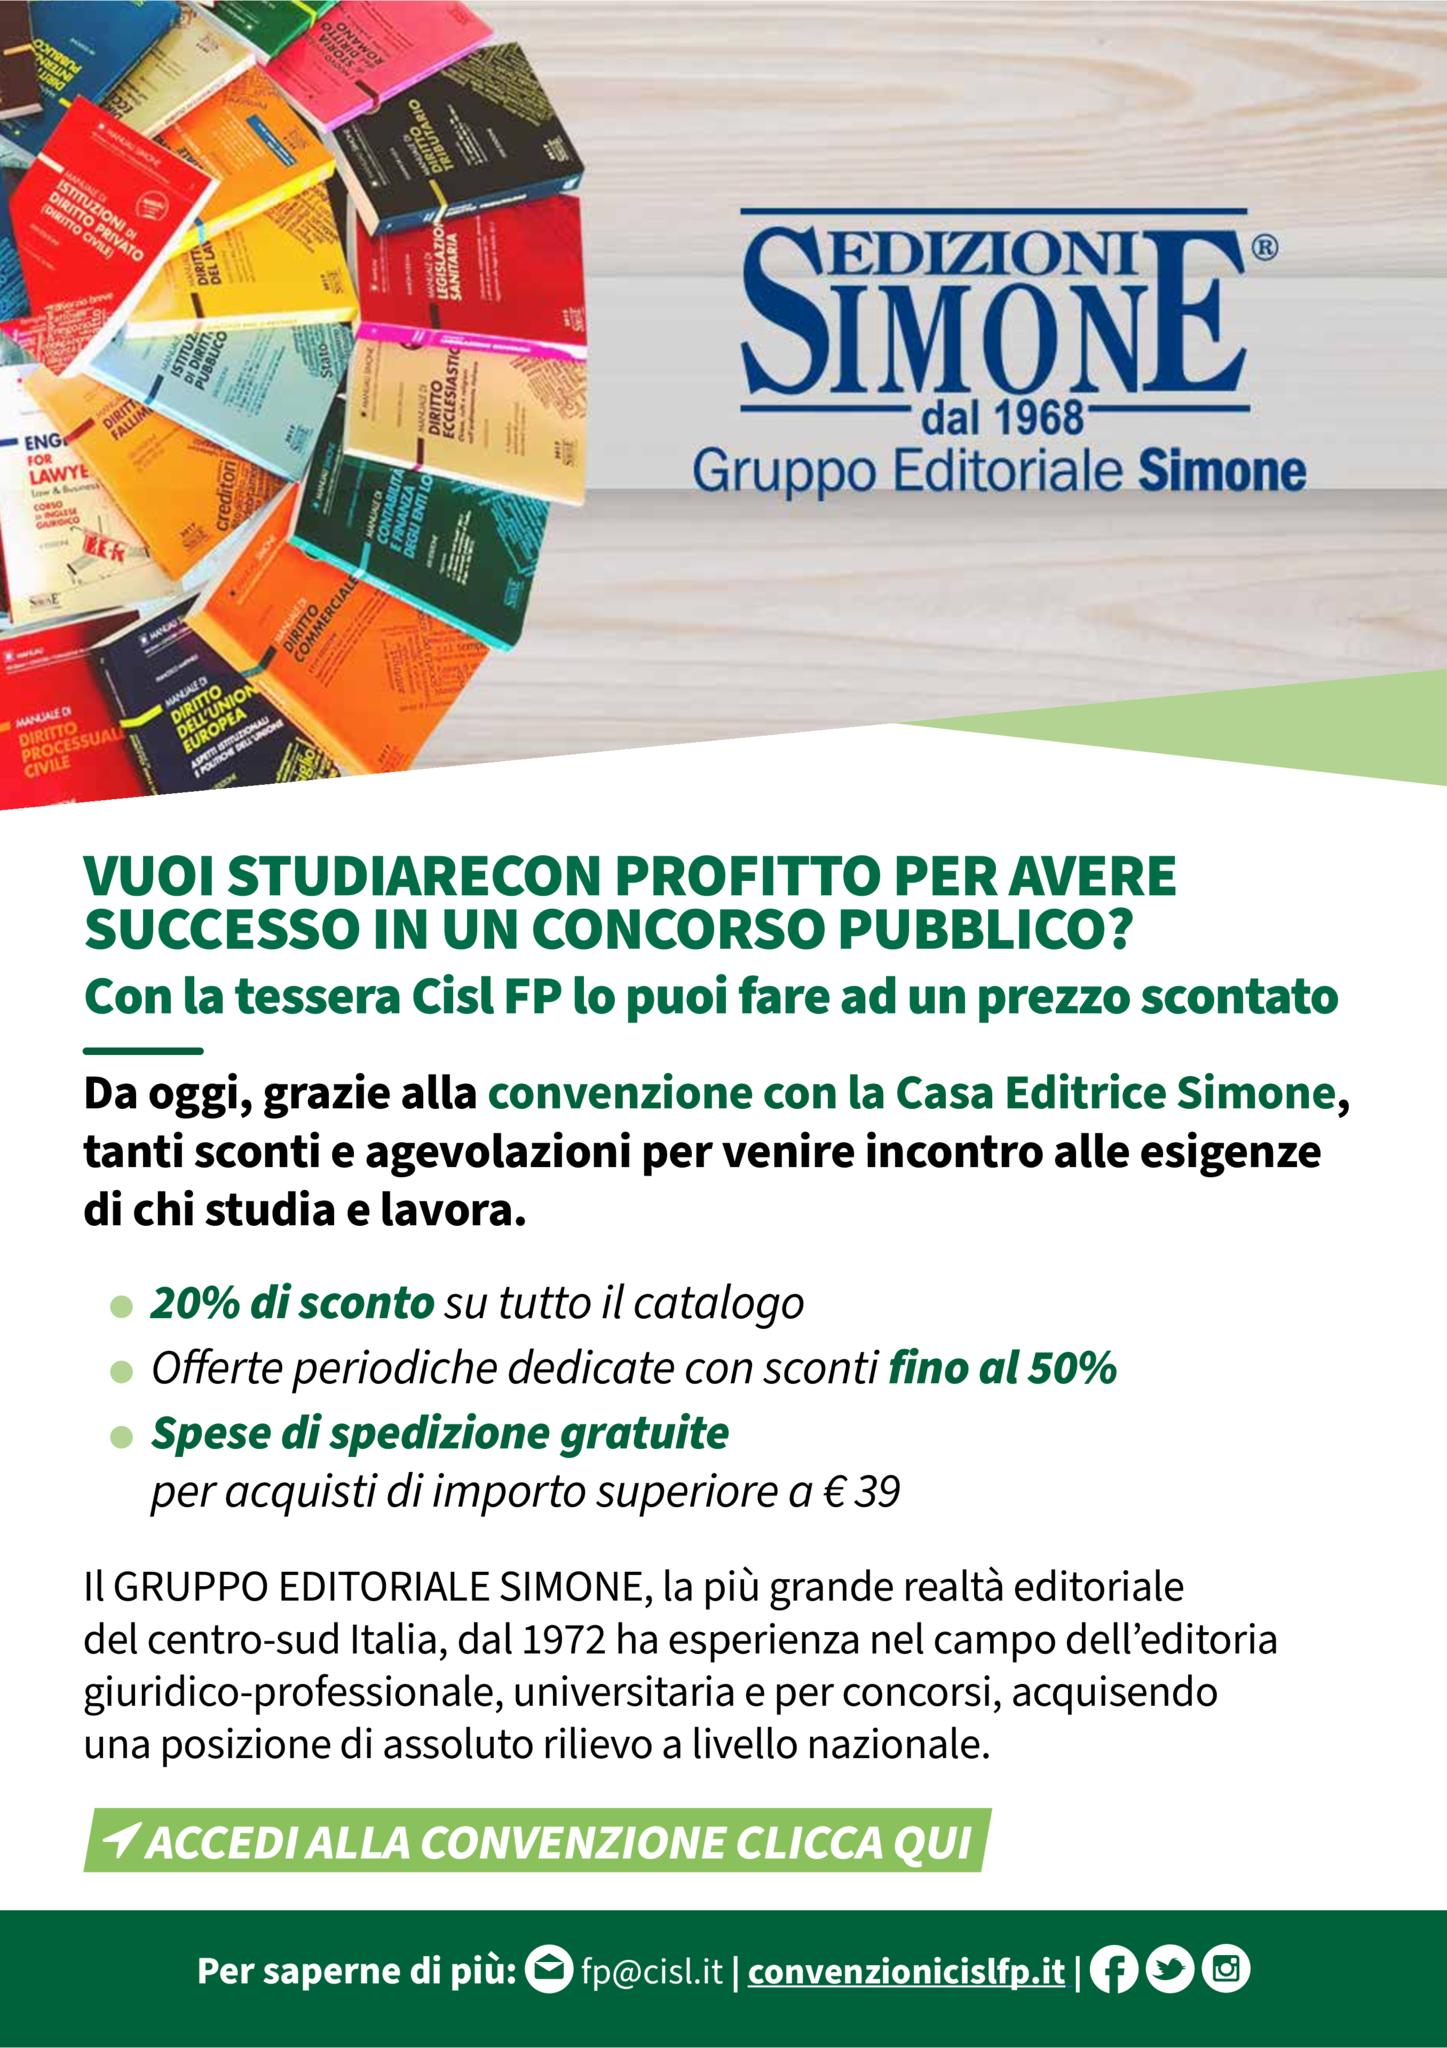 thumbnail of convenzioni-edizioni-simone_def